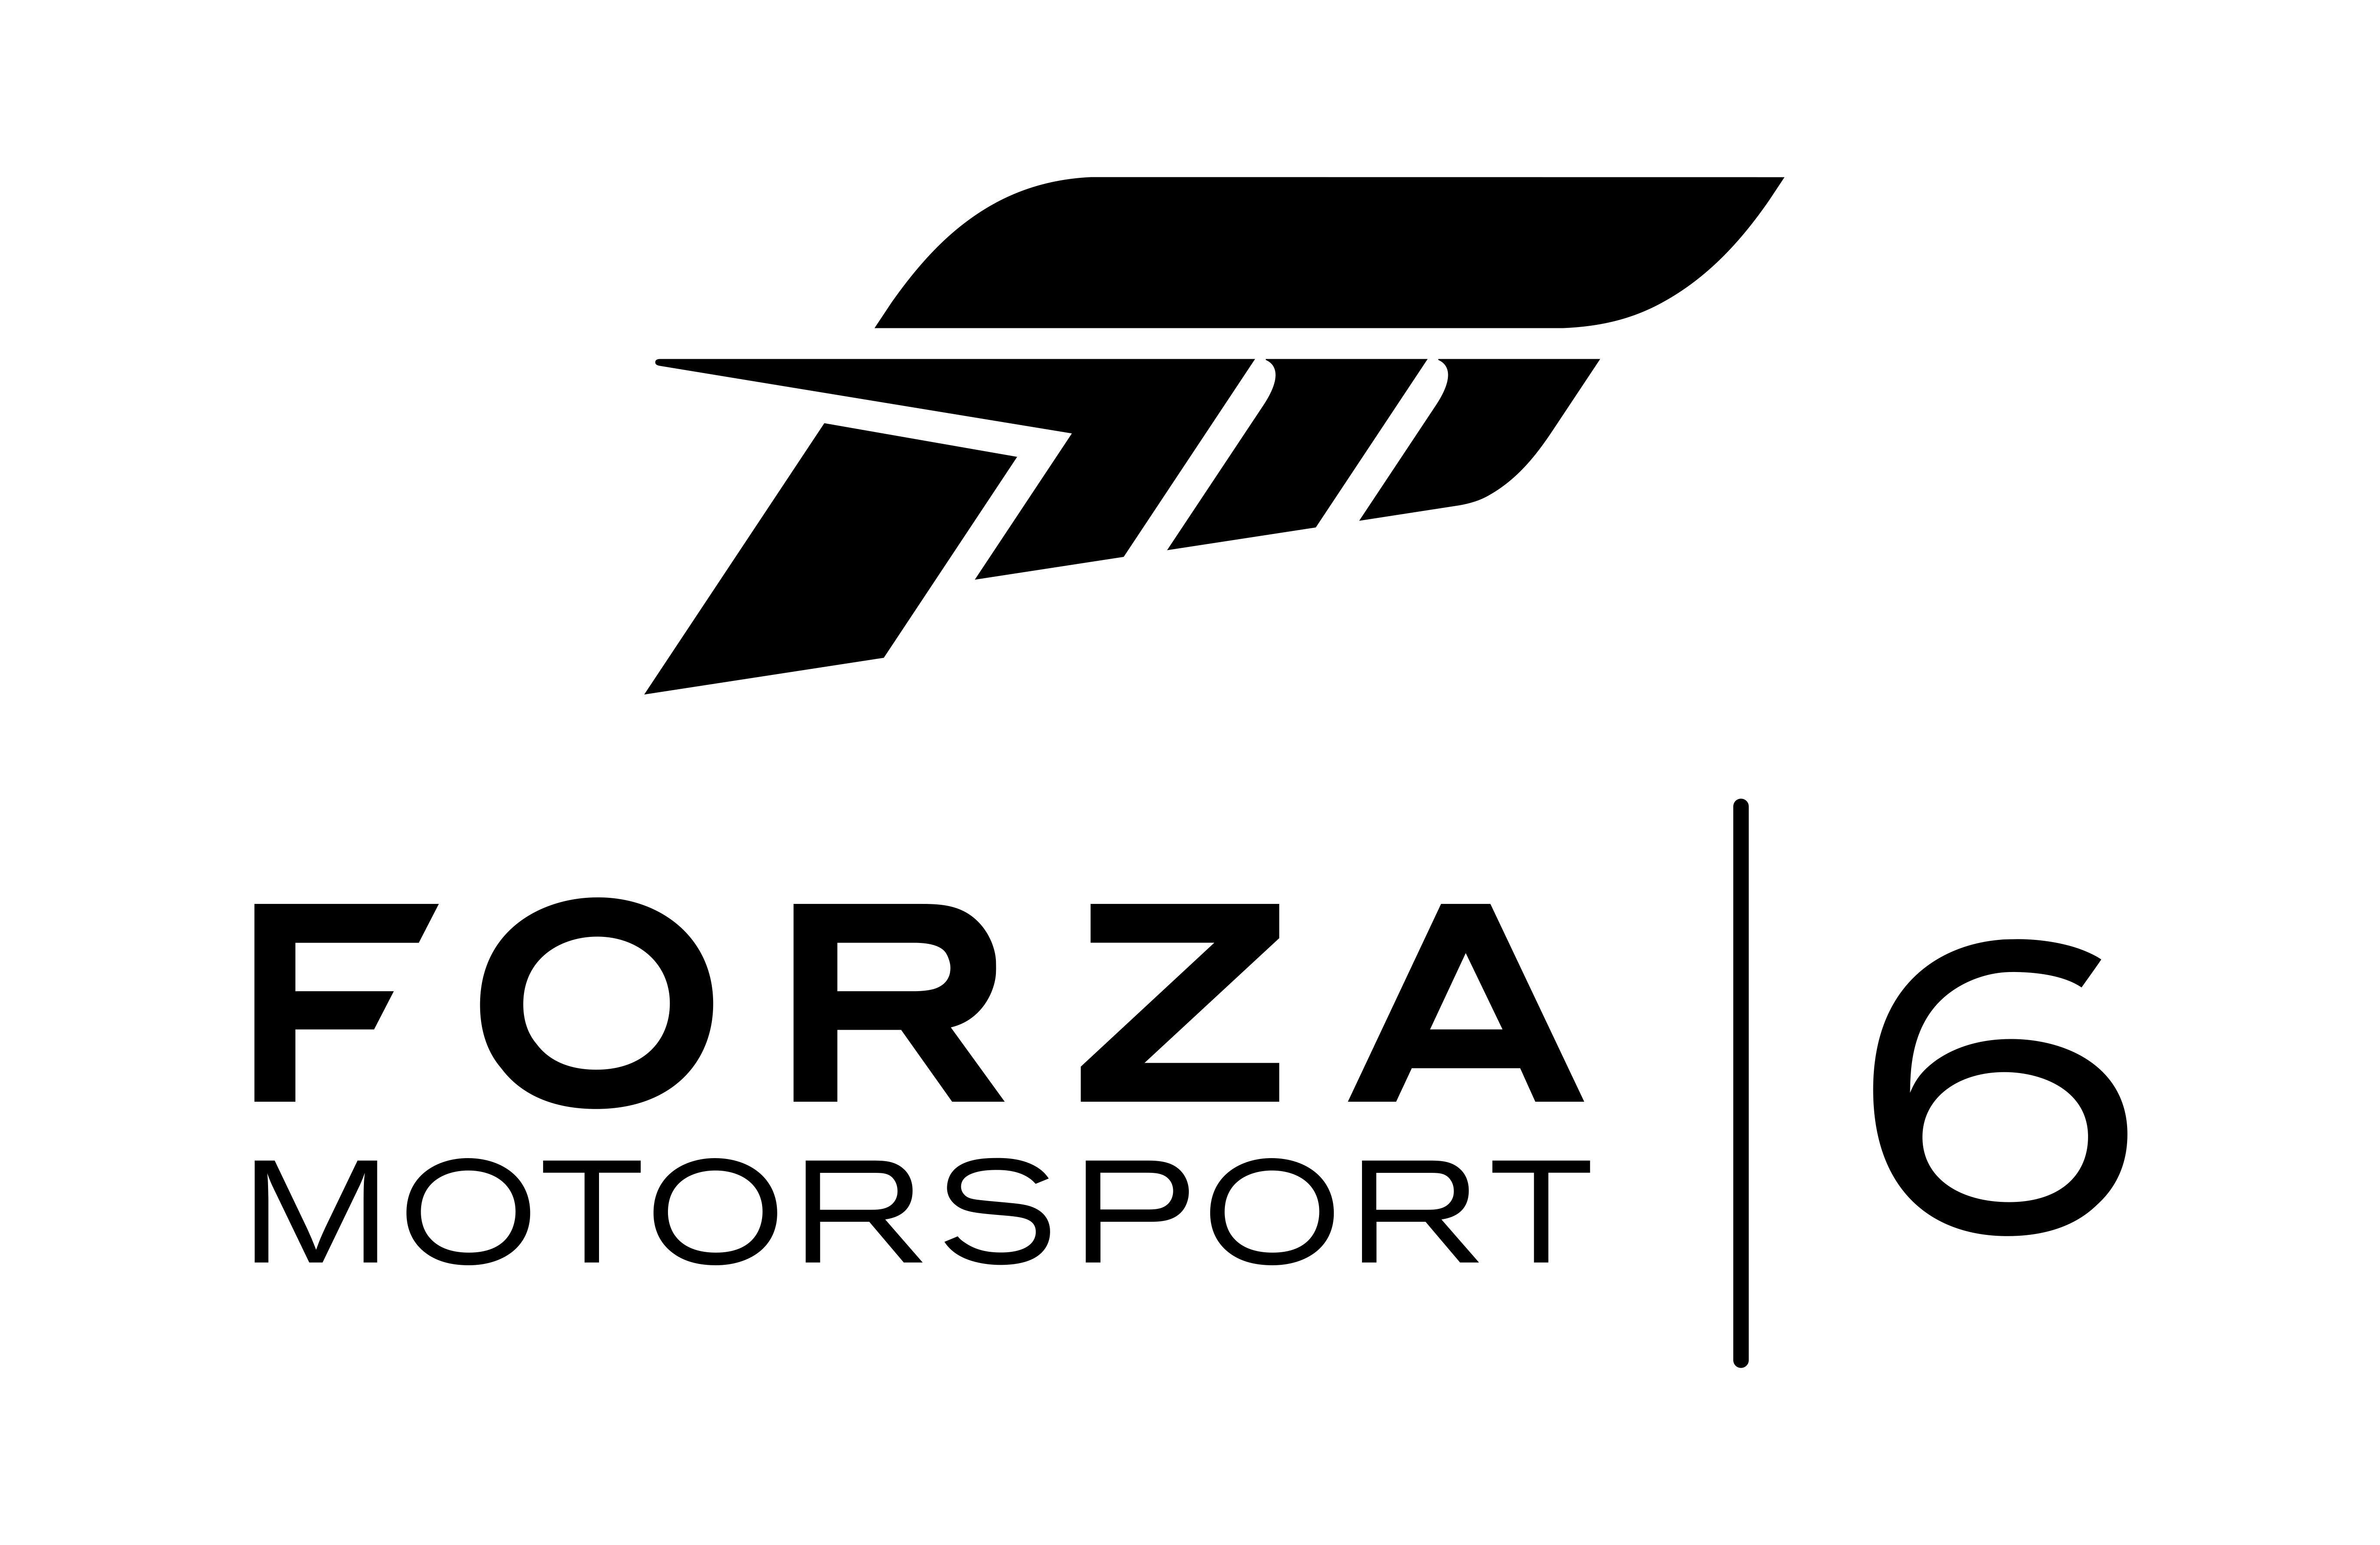 Видеообзор Forza Motorsport 6 - Изображение 1